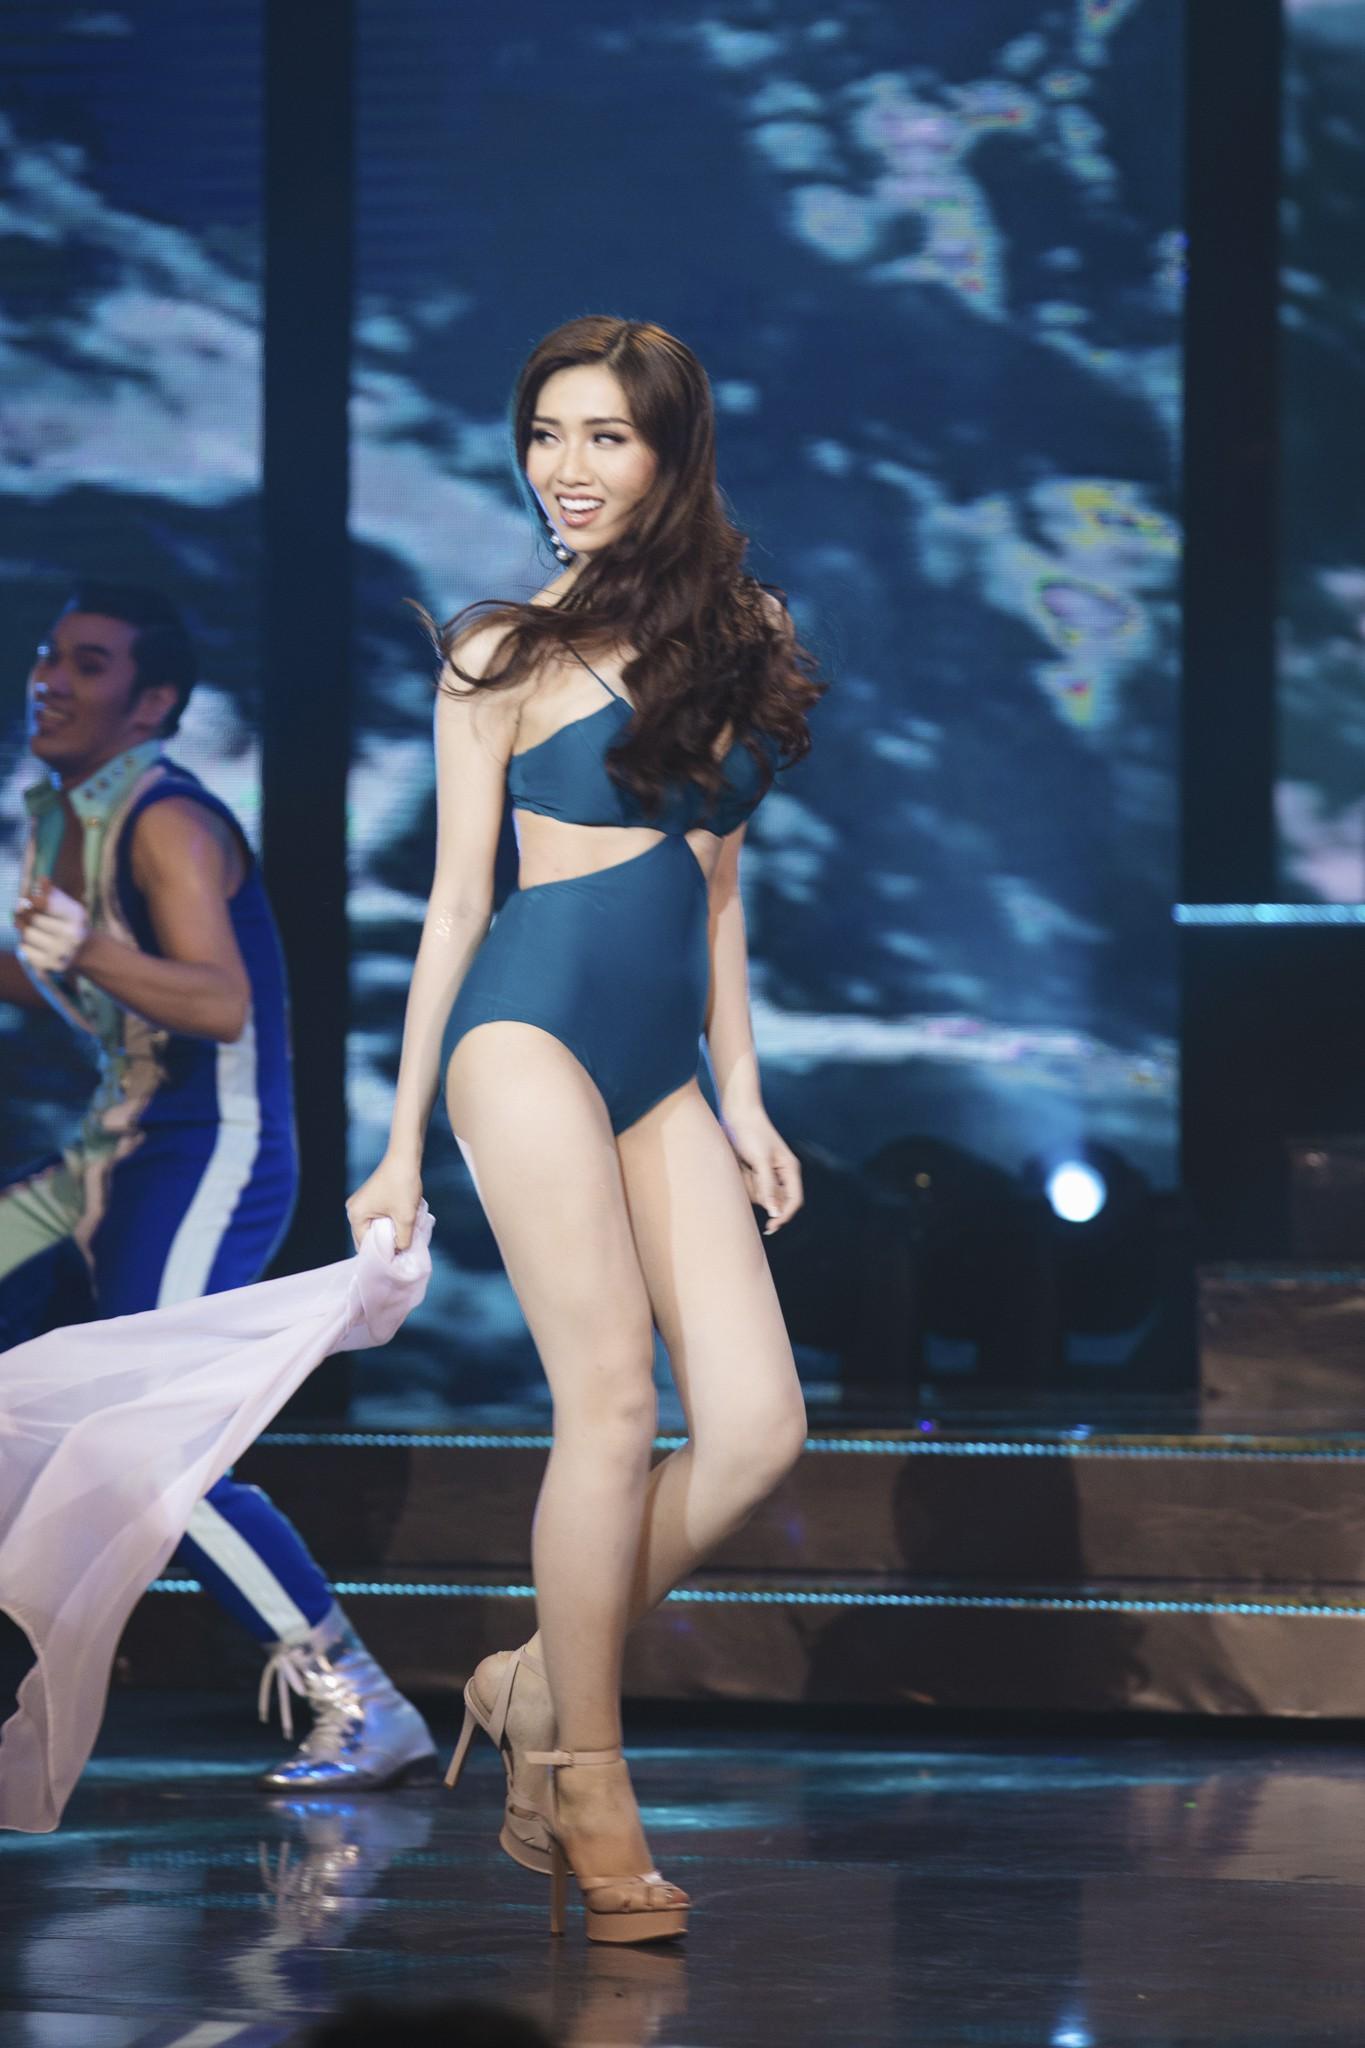 Đại diện Việt Nam - Đỗ Nhật Hà dừng chân tại Top 6 trong đêm Chung kết Hoa hậu Chuyển giới Quốc tế 2019 - Ảnh 12.